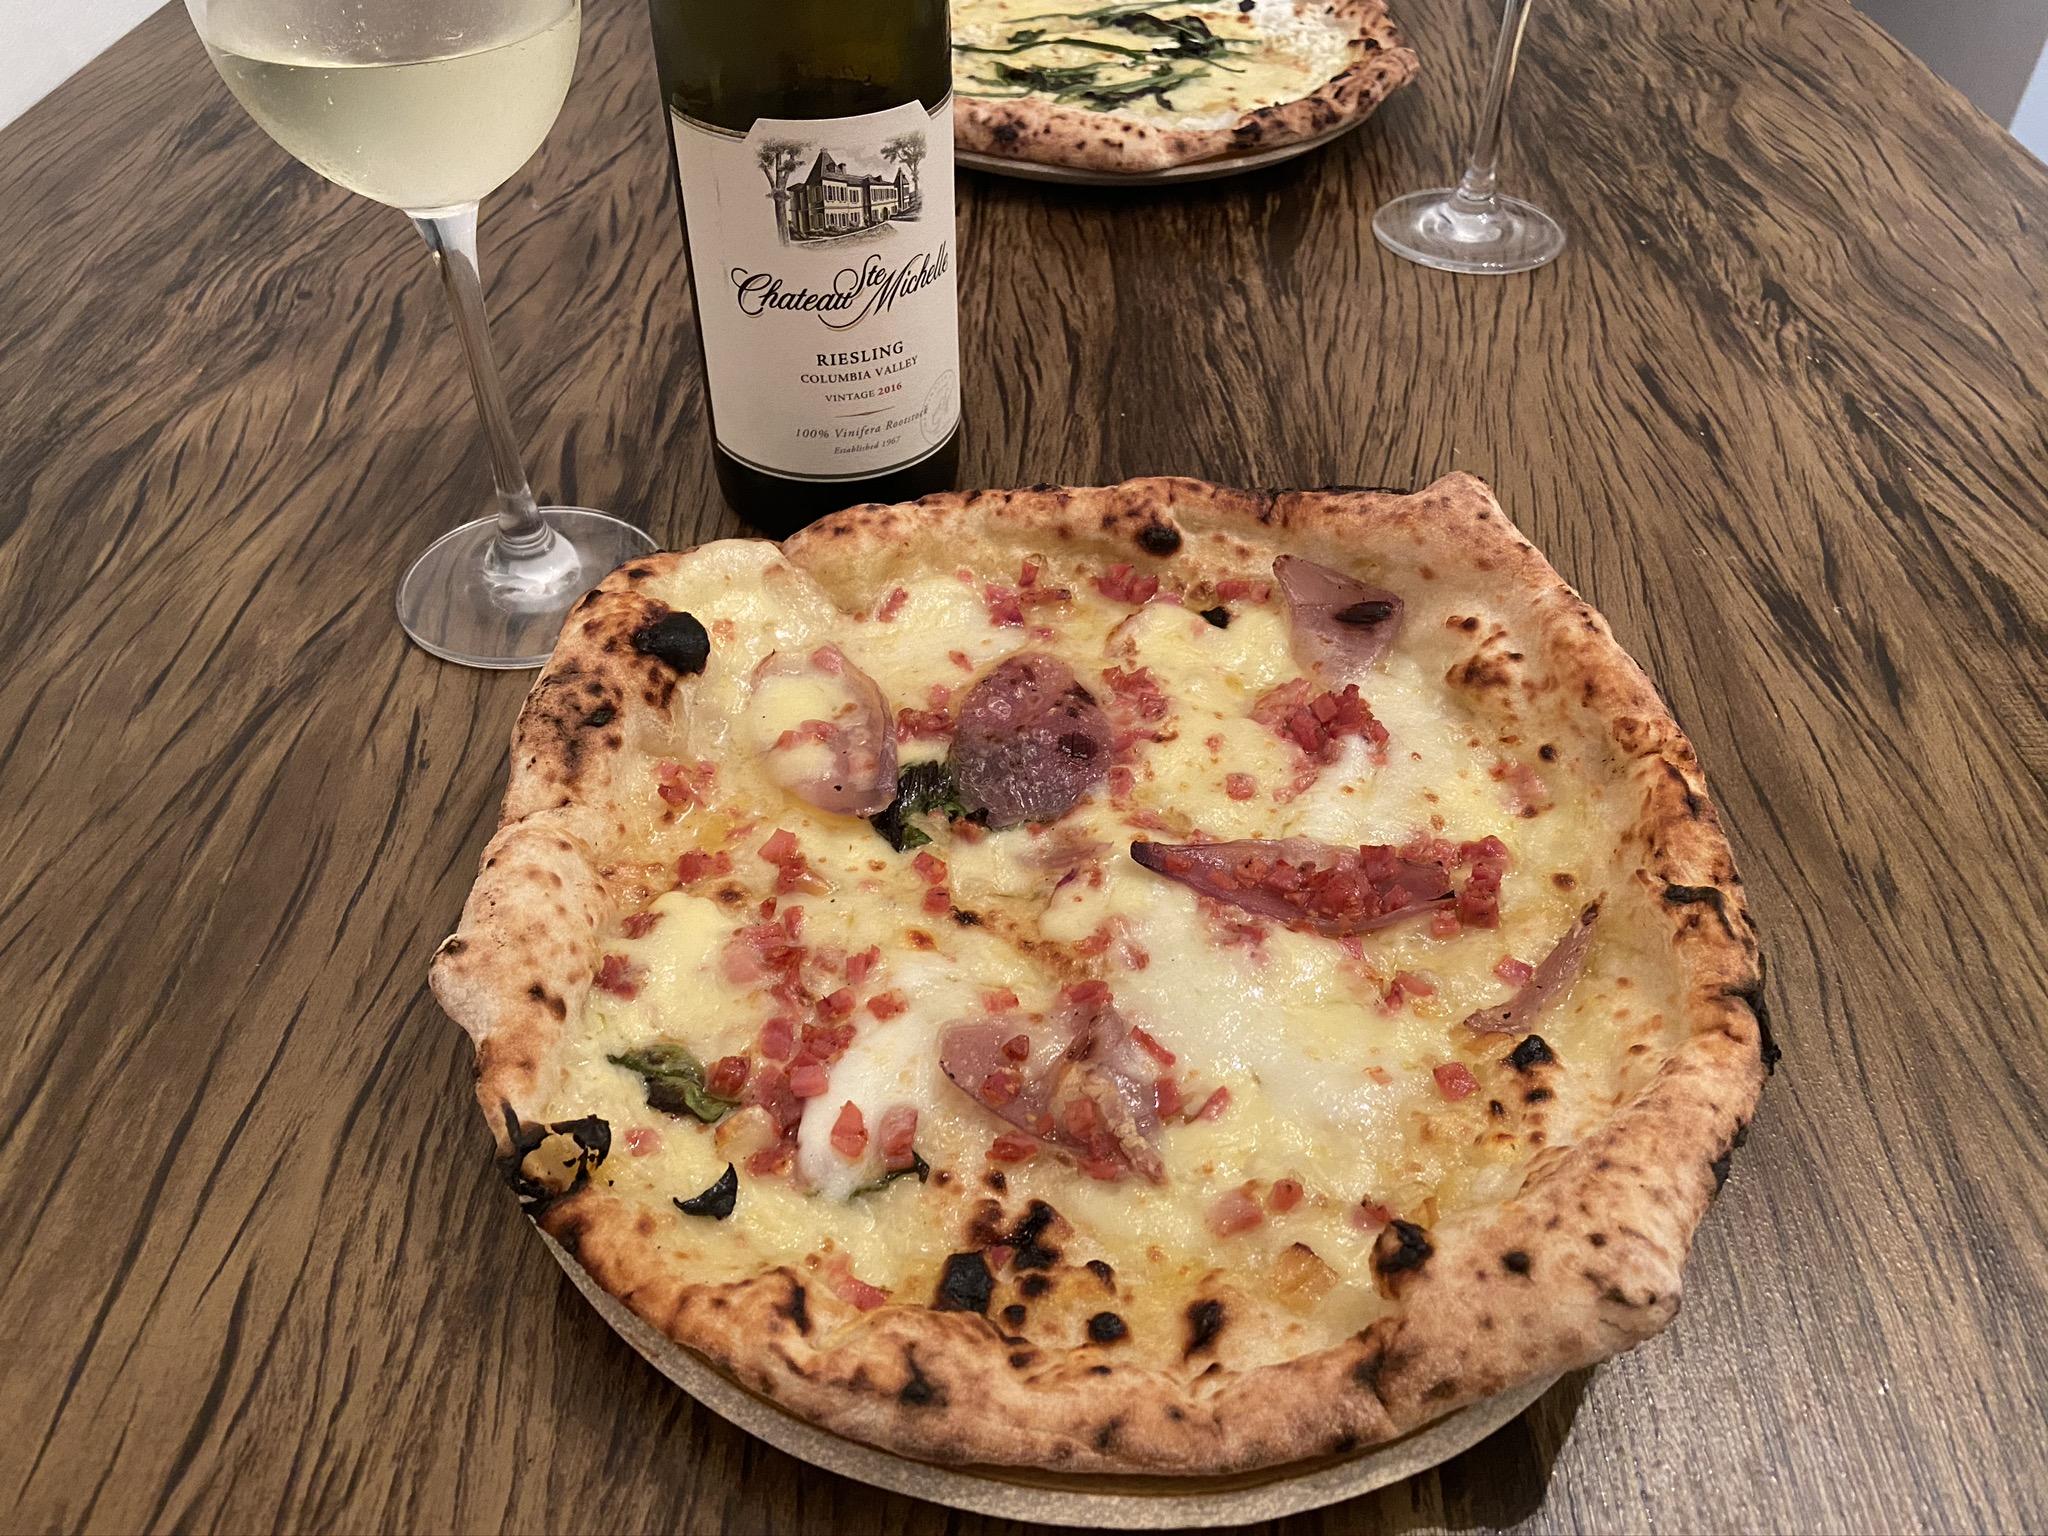 Harmonização pizza e vinho